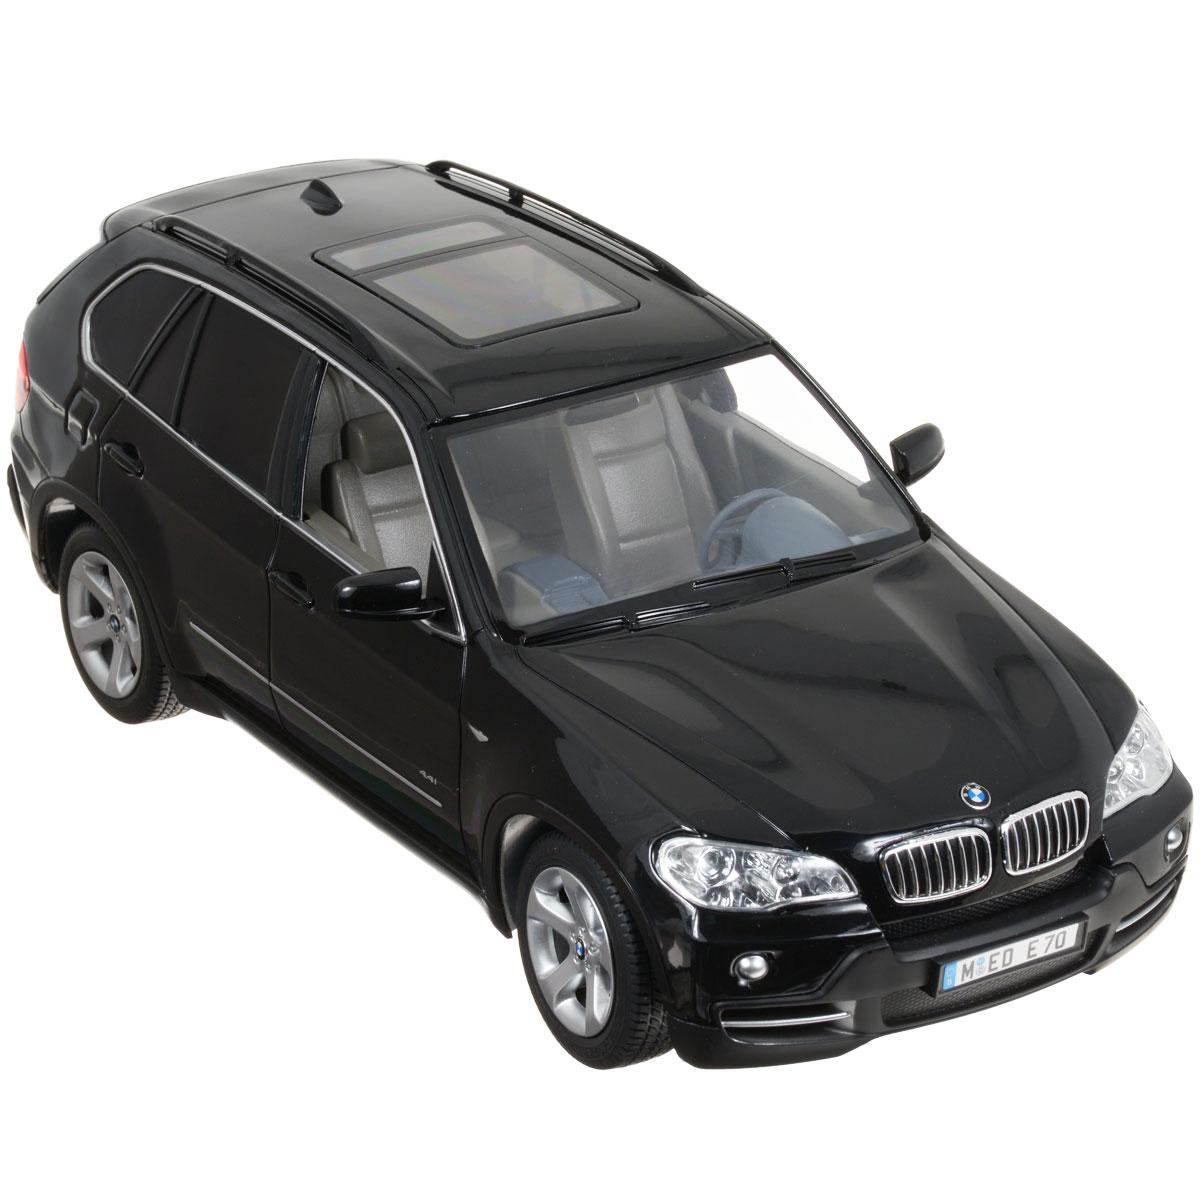 """Радиоуправляемая модель Rastar """"BMW X5"""" обязательно привлечет внимание взрослого и ребенка и понравится любому, кто увлекается автомобилями. Маневренная и реалистичная уменьшенная копия выполнена в точной детализации с настоящим автомобилем в масштабе 1:14. Управление машинкой происходит с помощью пульта. Машина двигается вперед и назад, поворачивает направо, налево и останавливается. Имеются световые эффекты (загораются фары и стоп-сигналы). Колеса игрушки обеспечивают плавный ход, машинка не портит напольное покрытие. Радиоуправляемые игрушки способствуют развитию координации движений, моторики и ловкости. Ваш ребенок часами будет играть с моделью, придумывая различные истории и устраивая соревнования. Порадуйте его таким замечательным подарком! Машина работает от 5 батареек напряжением 1,5V типа АА (не входят в комплект). Пульт работает от батарейки 9V типа """"Крона"""" (не входит в комплект)."""